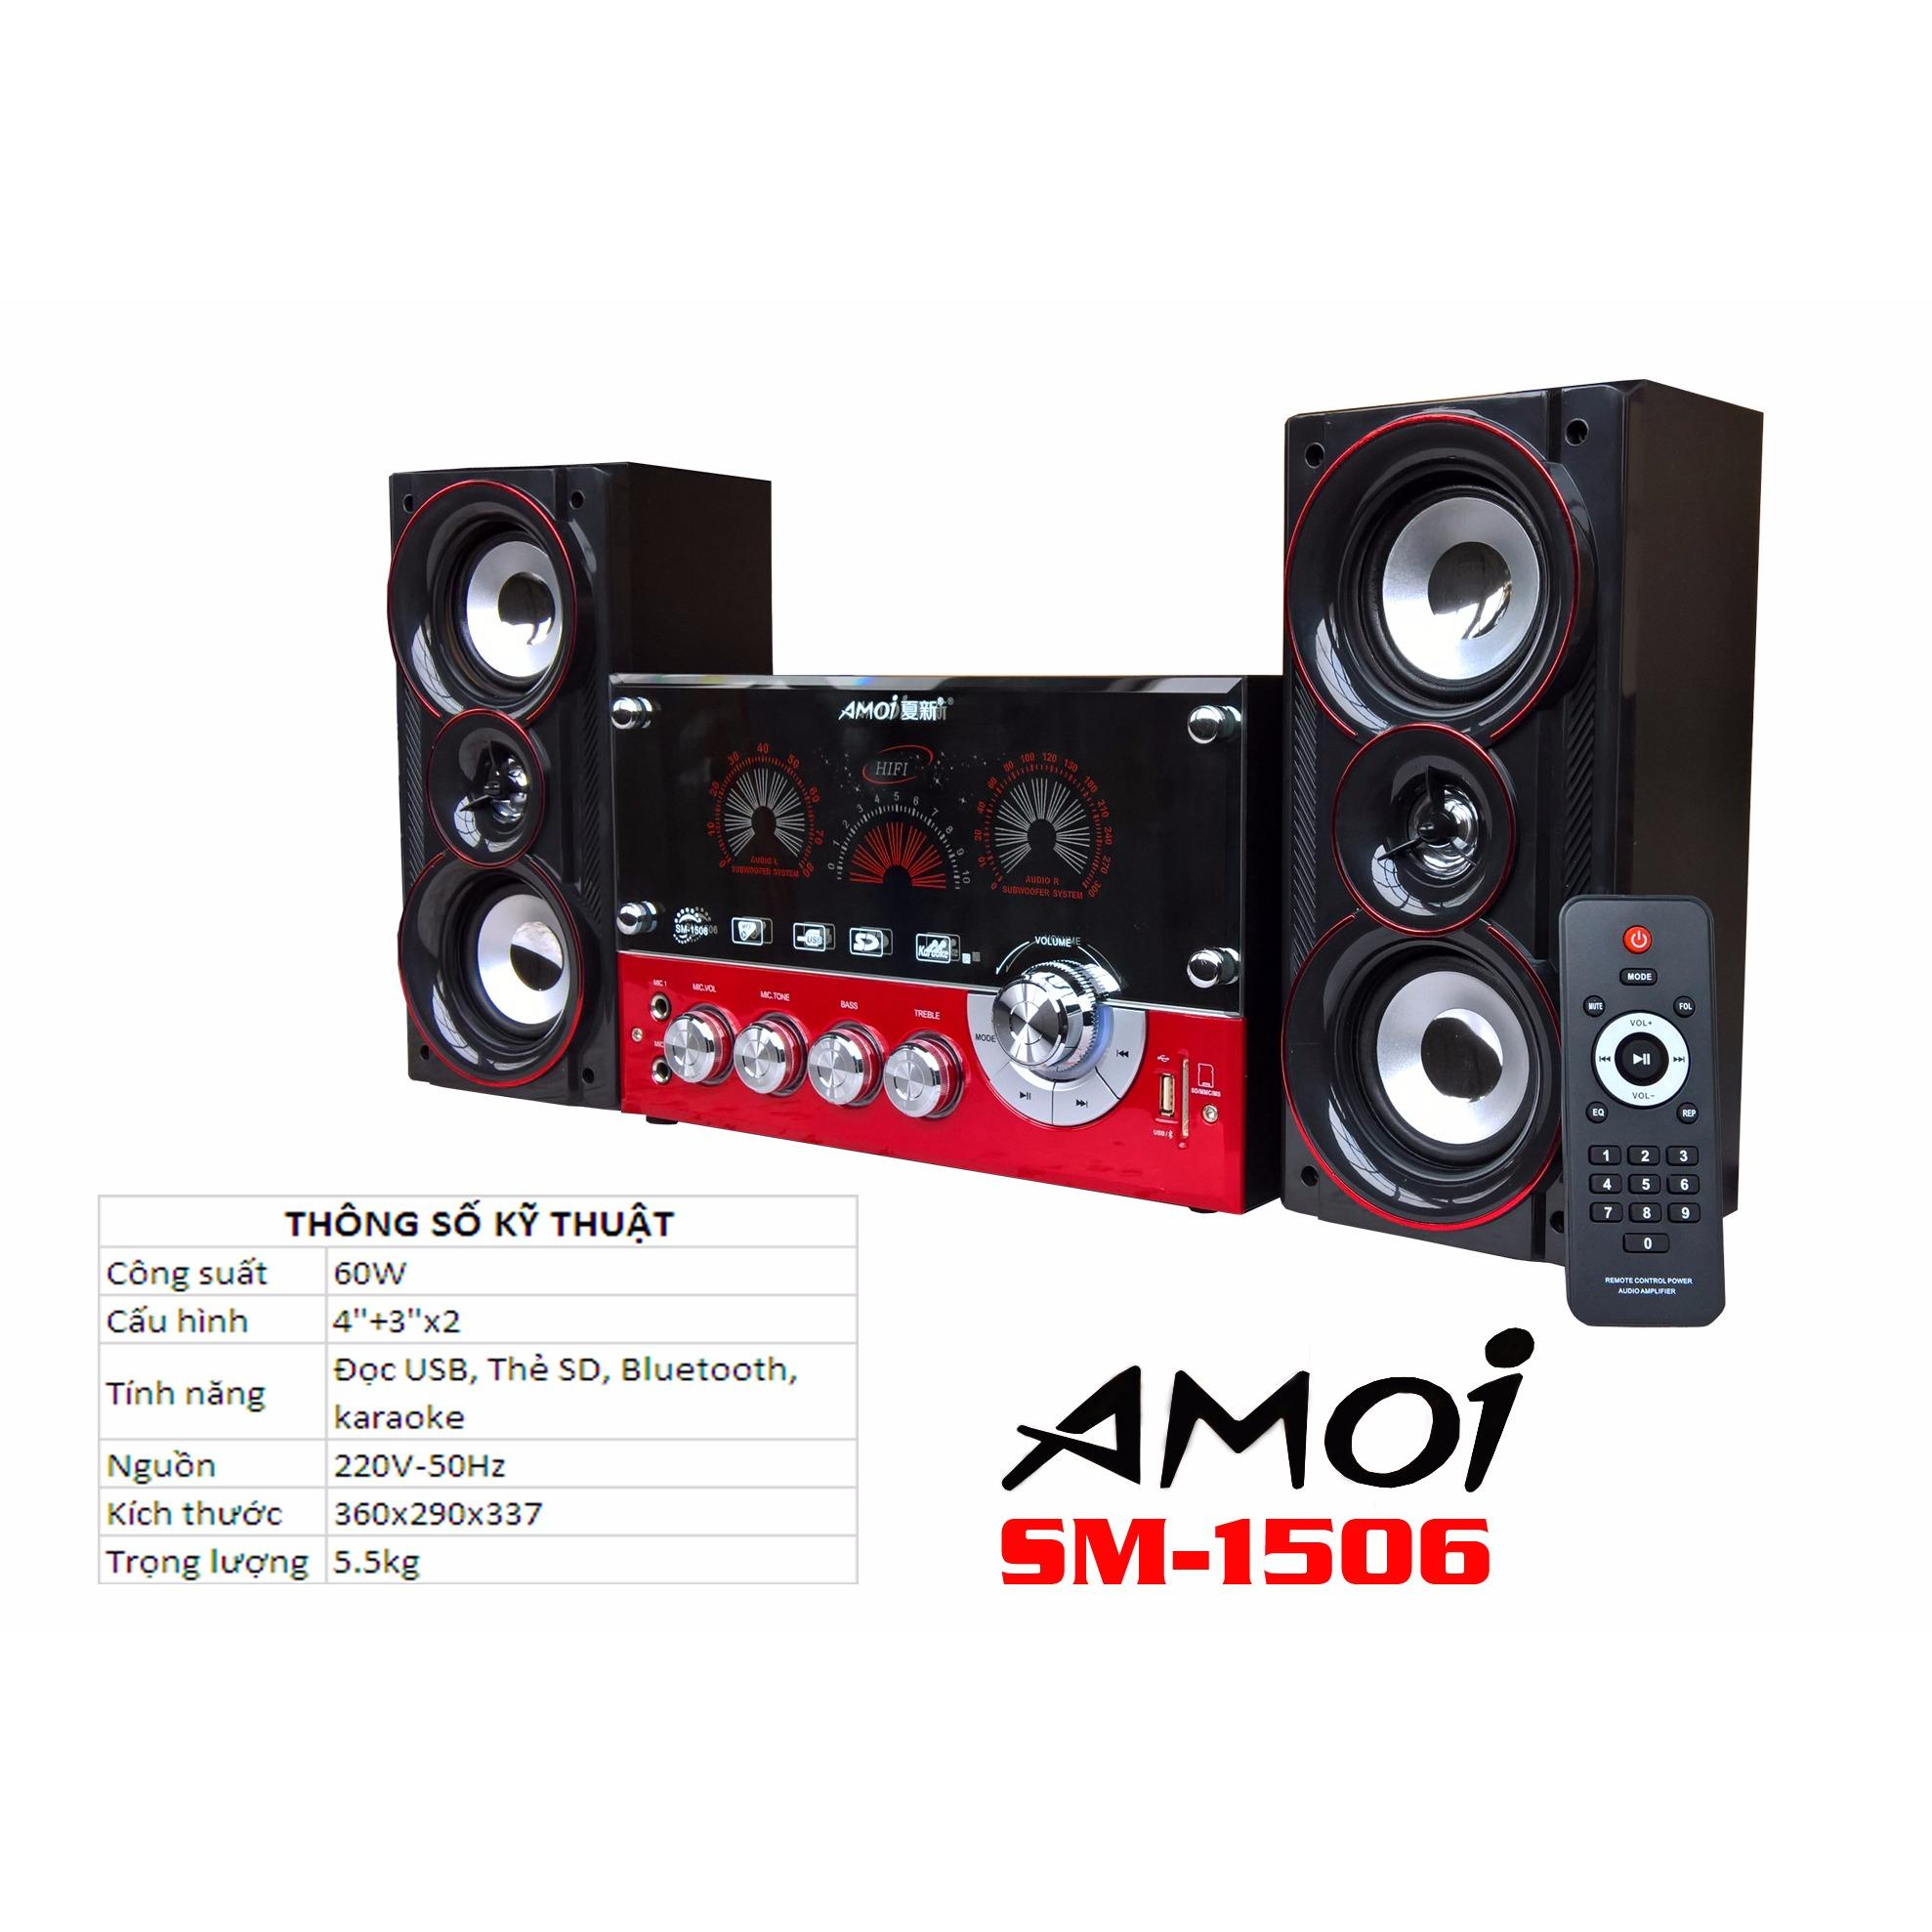 Loa vi tính bluetooth 2.1 đọc USB, FM, DK AMOI SM-1506 (Đen)